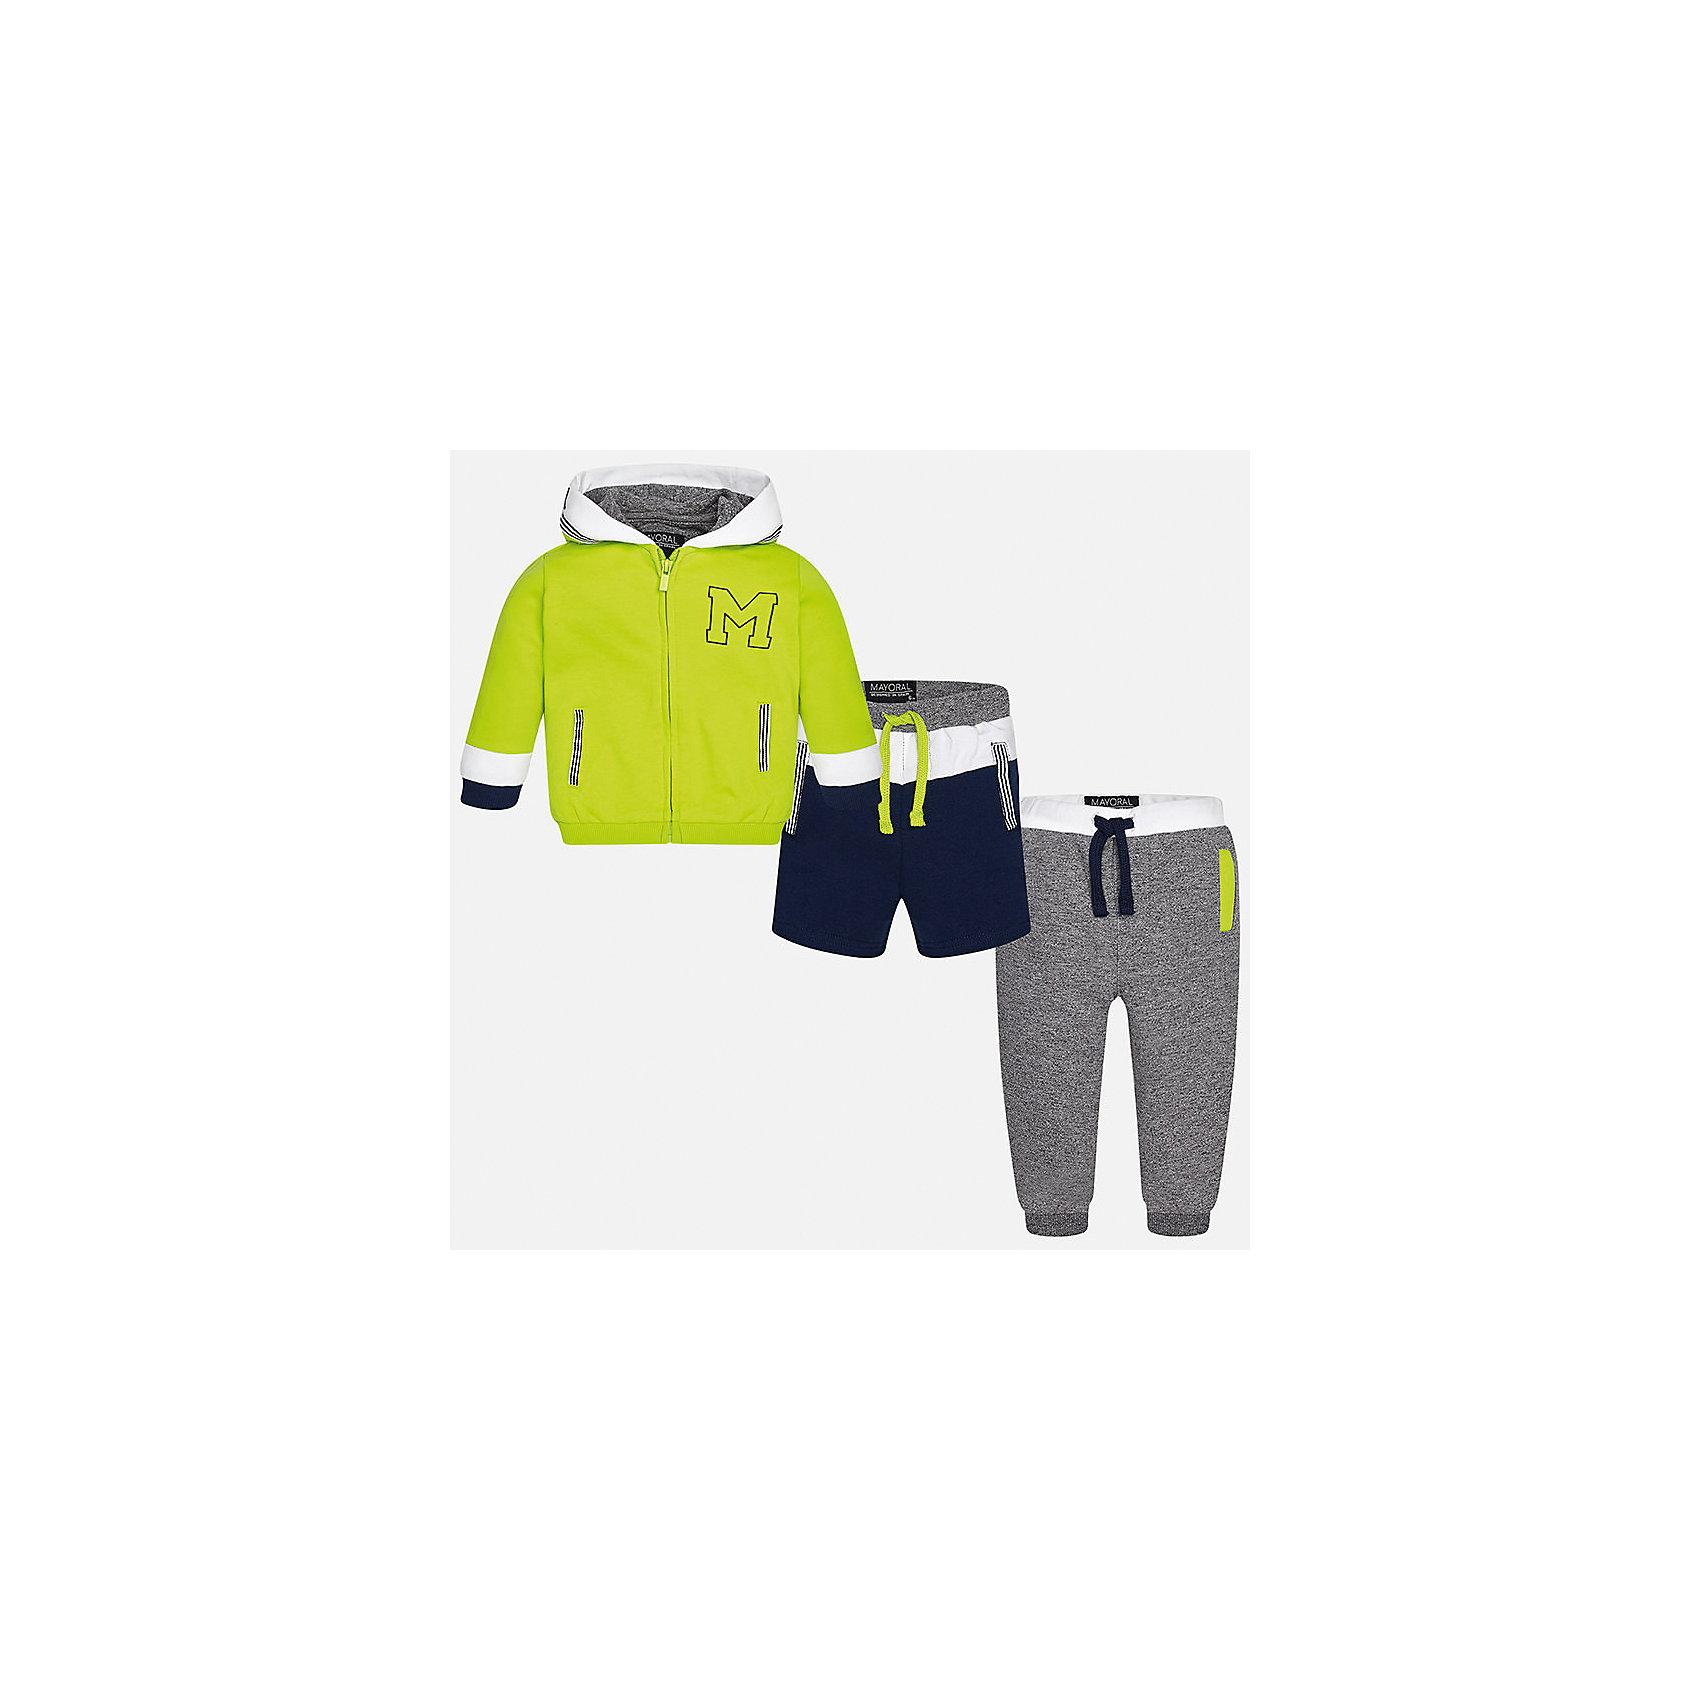 Спортивный костюм для мальчика MayoralКомплекты<br>Характеристики товара:<br><br>• цвет: салатовый/серый/синий<br>• состав: 58% хлопок, 39% полиэстер, 3% эластан<br>• комплектация: курточка, штаны, шорты<br>• куртка декорирована вышивкой<br>• карманы<br>• капюшон<br>• штаны, шорты - пояс на шнурке<br>• манжеты на штанах <br>• страна бренда: Испания<br><br>Стильный качественный спортивный костюм для мальчика поможет разнообразить гардероб ребенка и удобно одеться. Курточка, шорты и штаны отлично сочетаются с другими предметами. Универсальный цвет позволяет подобрать к вещам верхнюю одежду практически любой расцветки. Интересная отделка модели делает её нарядной и оригинальной. В составе материала - натуральный хлопок, гипоаллергенный, приятный на ощупь, дышащий.<br><br>Одежда, обувь и аксессуары от испанского бренда Mayoral полюбились детям и взрослым по всему миру. Модели этой марки - стильные и удобные. Для их производства используются только безопасные, качественные материалы и фурнитура. Порадуйте ребенка модными и красивыми вещами от Mayoral! <br><br>Спортивный костюм для мальчика от испанского бренда Mayoral (Майорал) можно купить в нашем интернет-магазине.<br><br>Ширина мм: 247<br>Глубина мм: 16<br>Высота мм: 140<br>Вес г: 225<br>Цвет: зеленый<br>Возраст от месяцев: 18<br>Возраст до месяцев: 24<br>Пол: Мужской<br>Возраст: Детский<br>Размер: 92,80,86<br>SKU: 5279729